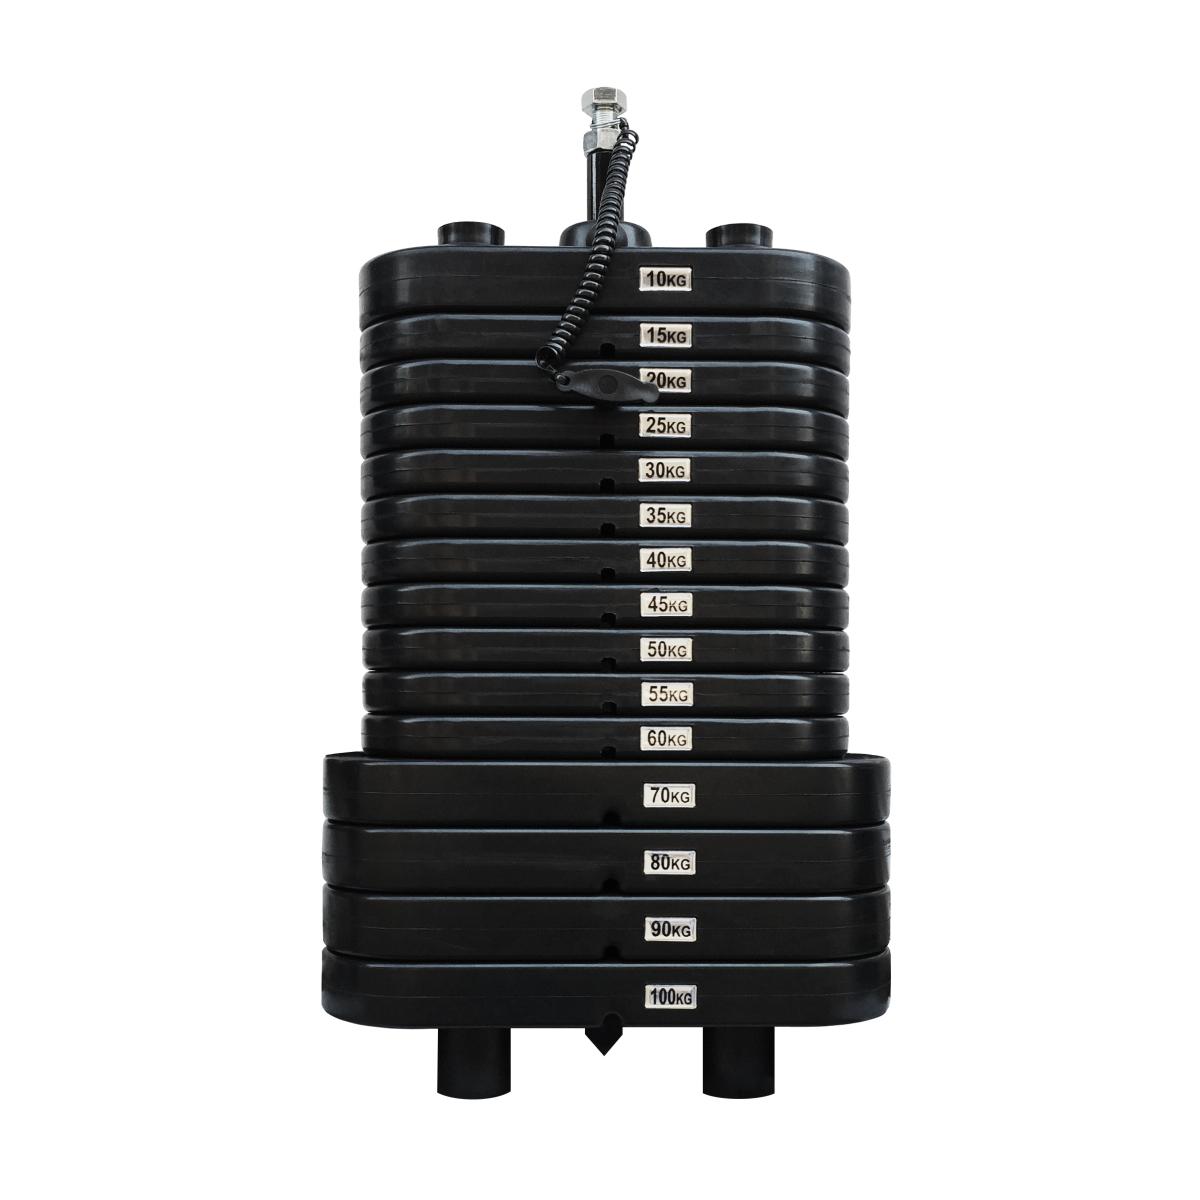 Bateria de Peso Montada 100 kg - Injetada